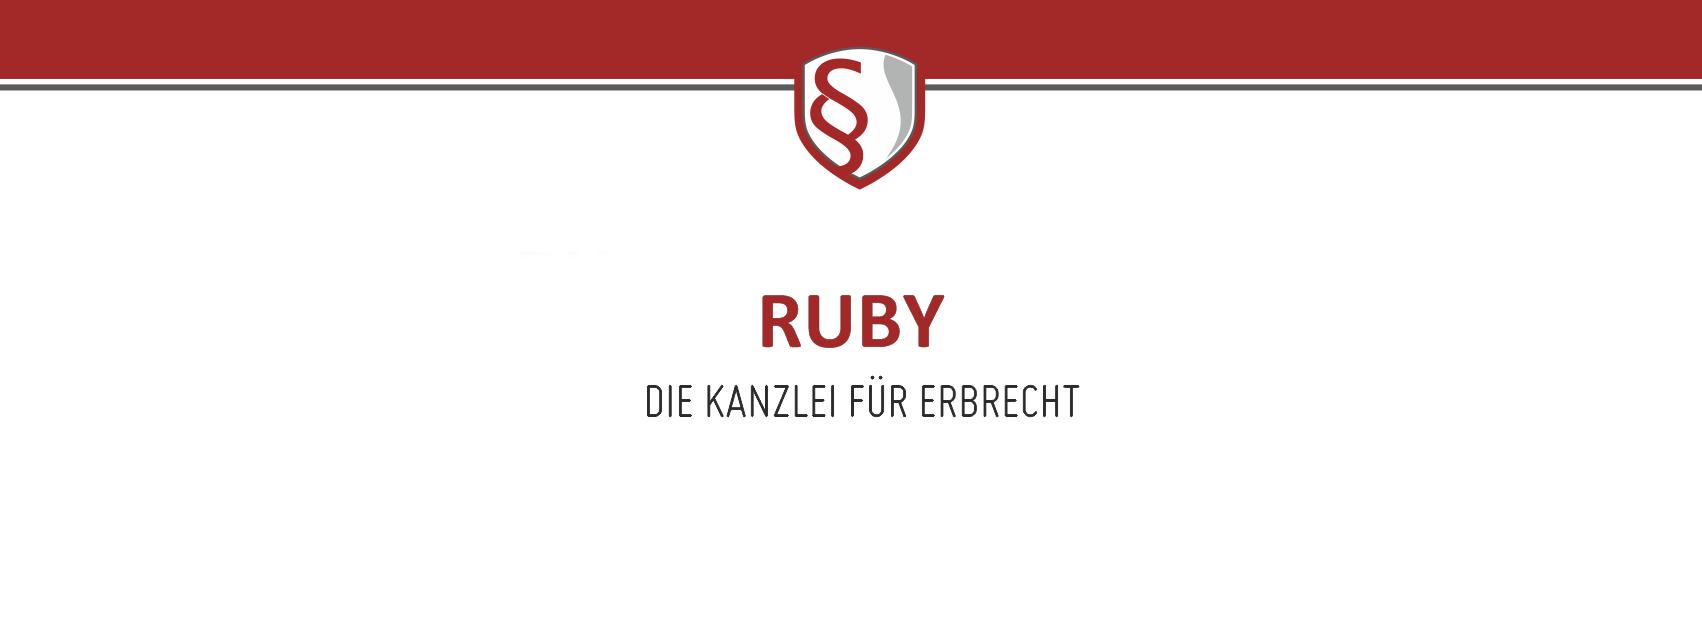 Ruby: Kanzlei für Erbrecht